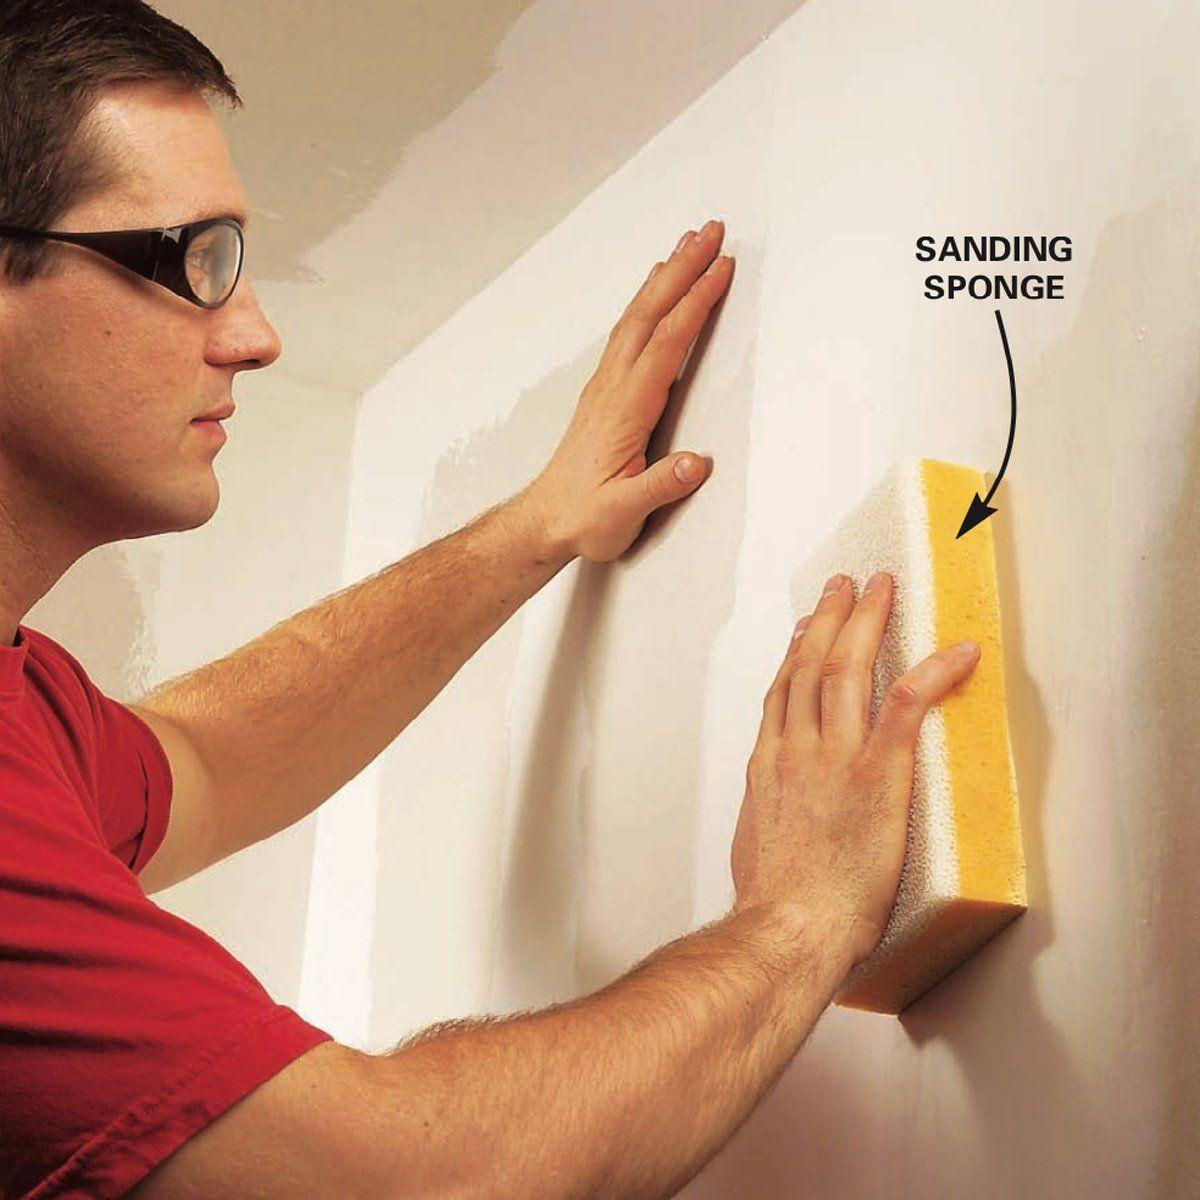 Wet Sanding Drywall Drywall Sanding Sponges Drywall Repair